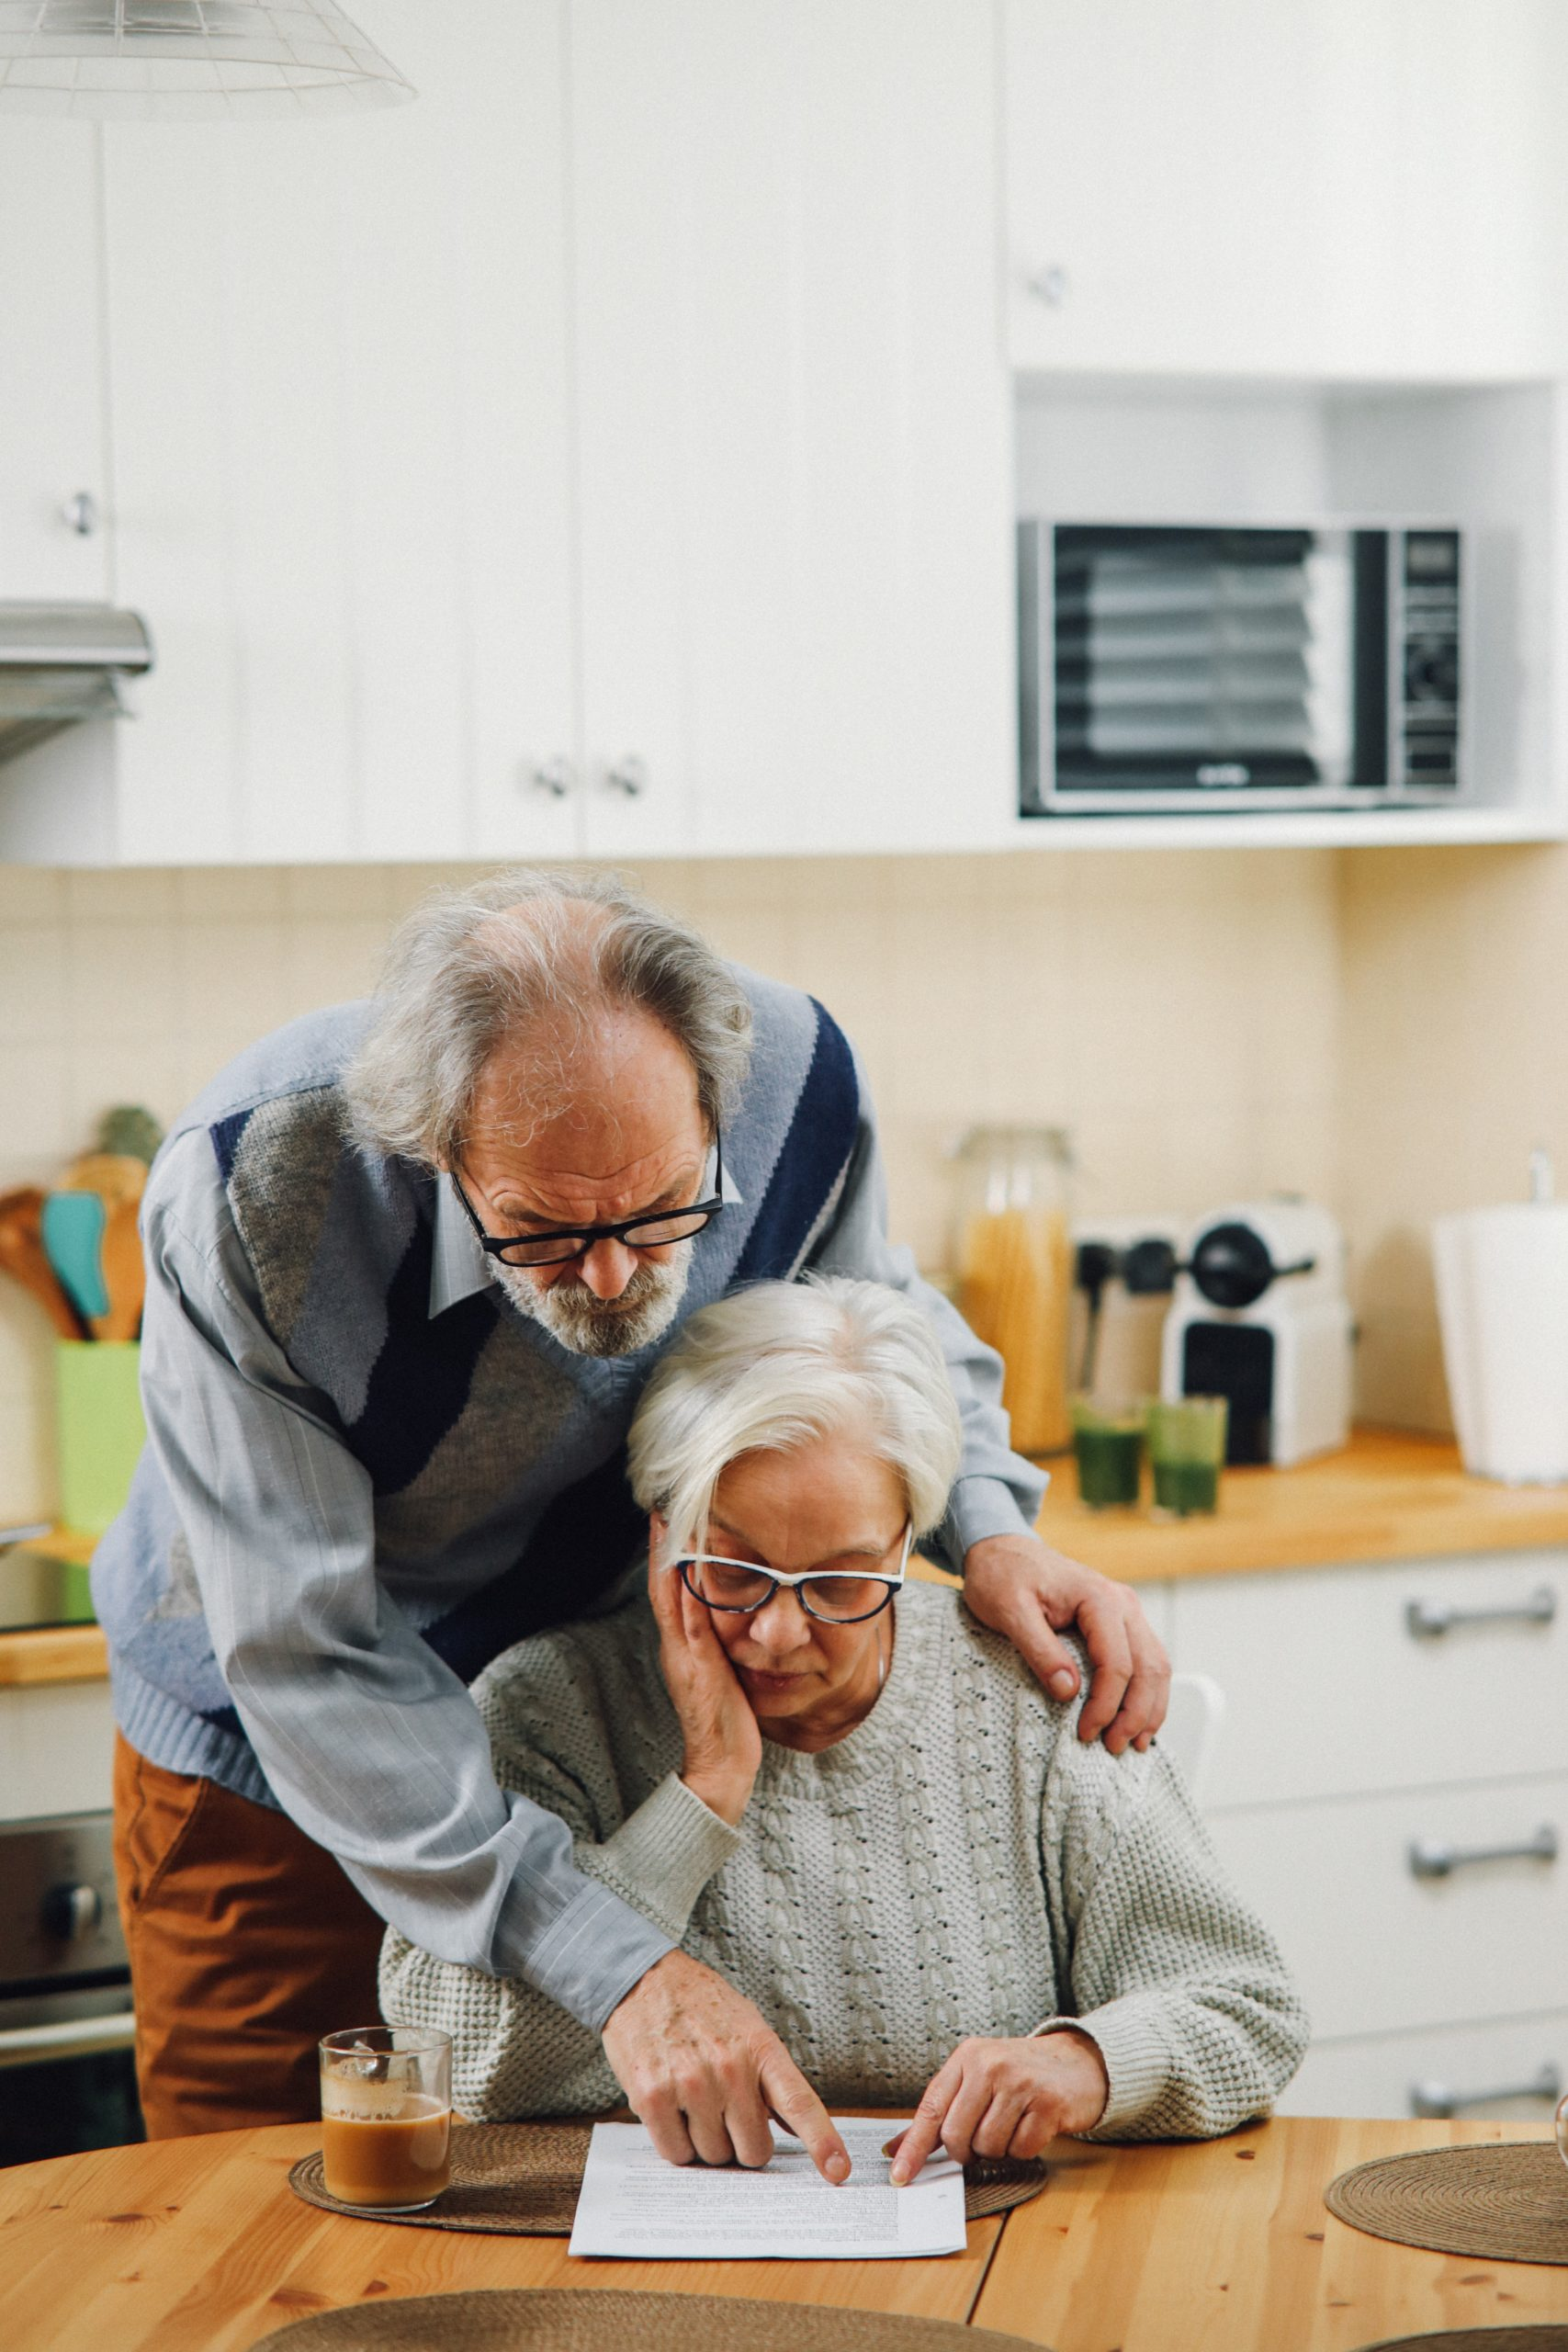 זוג מבוגרים קורא אבחנה